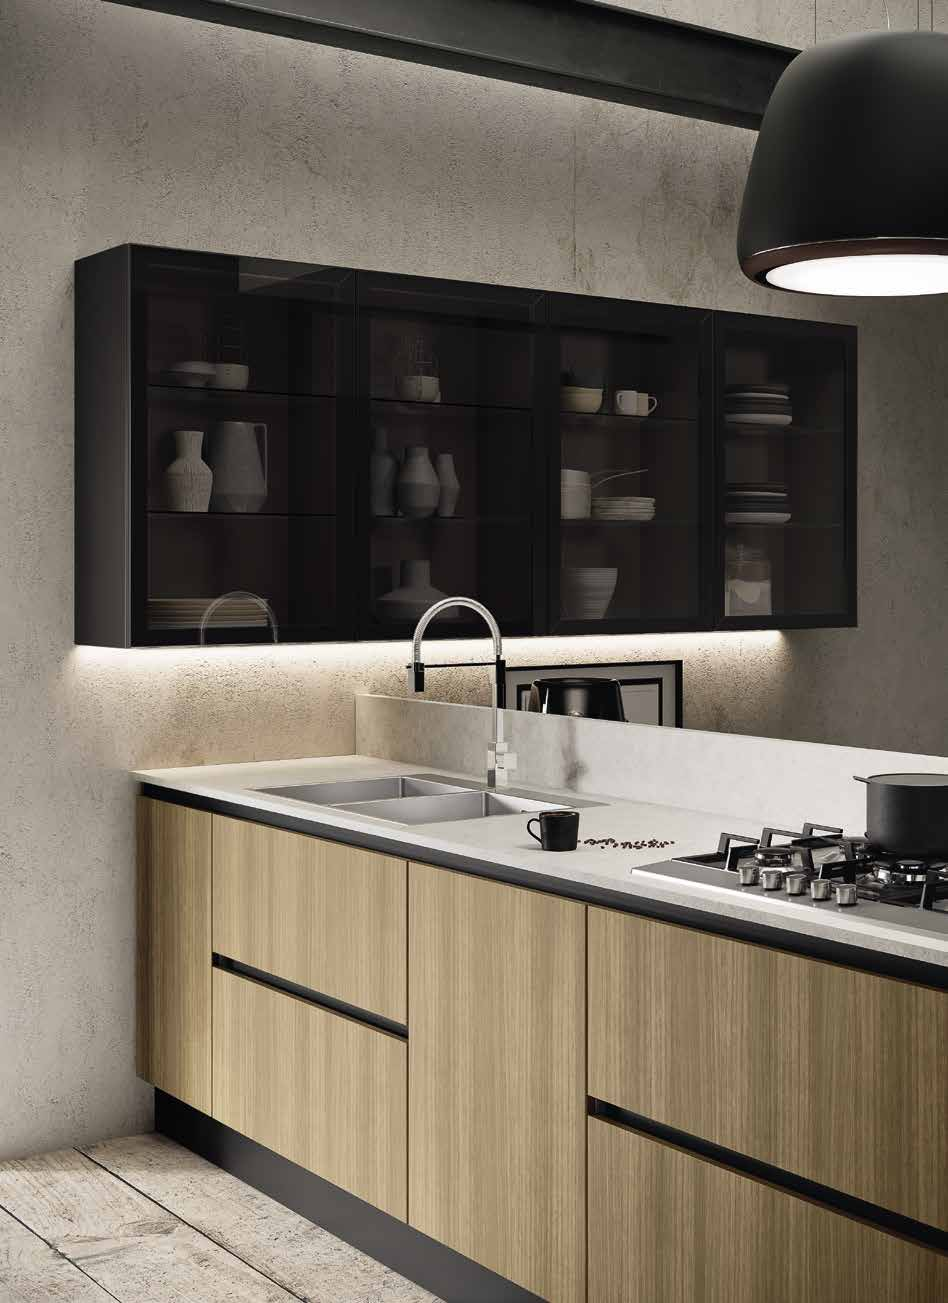 Κουζίνα laminate σε γκρι τιτανιου και γκρι ευκαλυπτου με gola και νησιδα